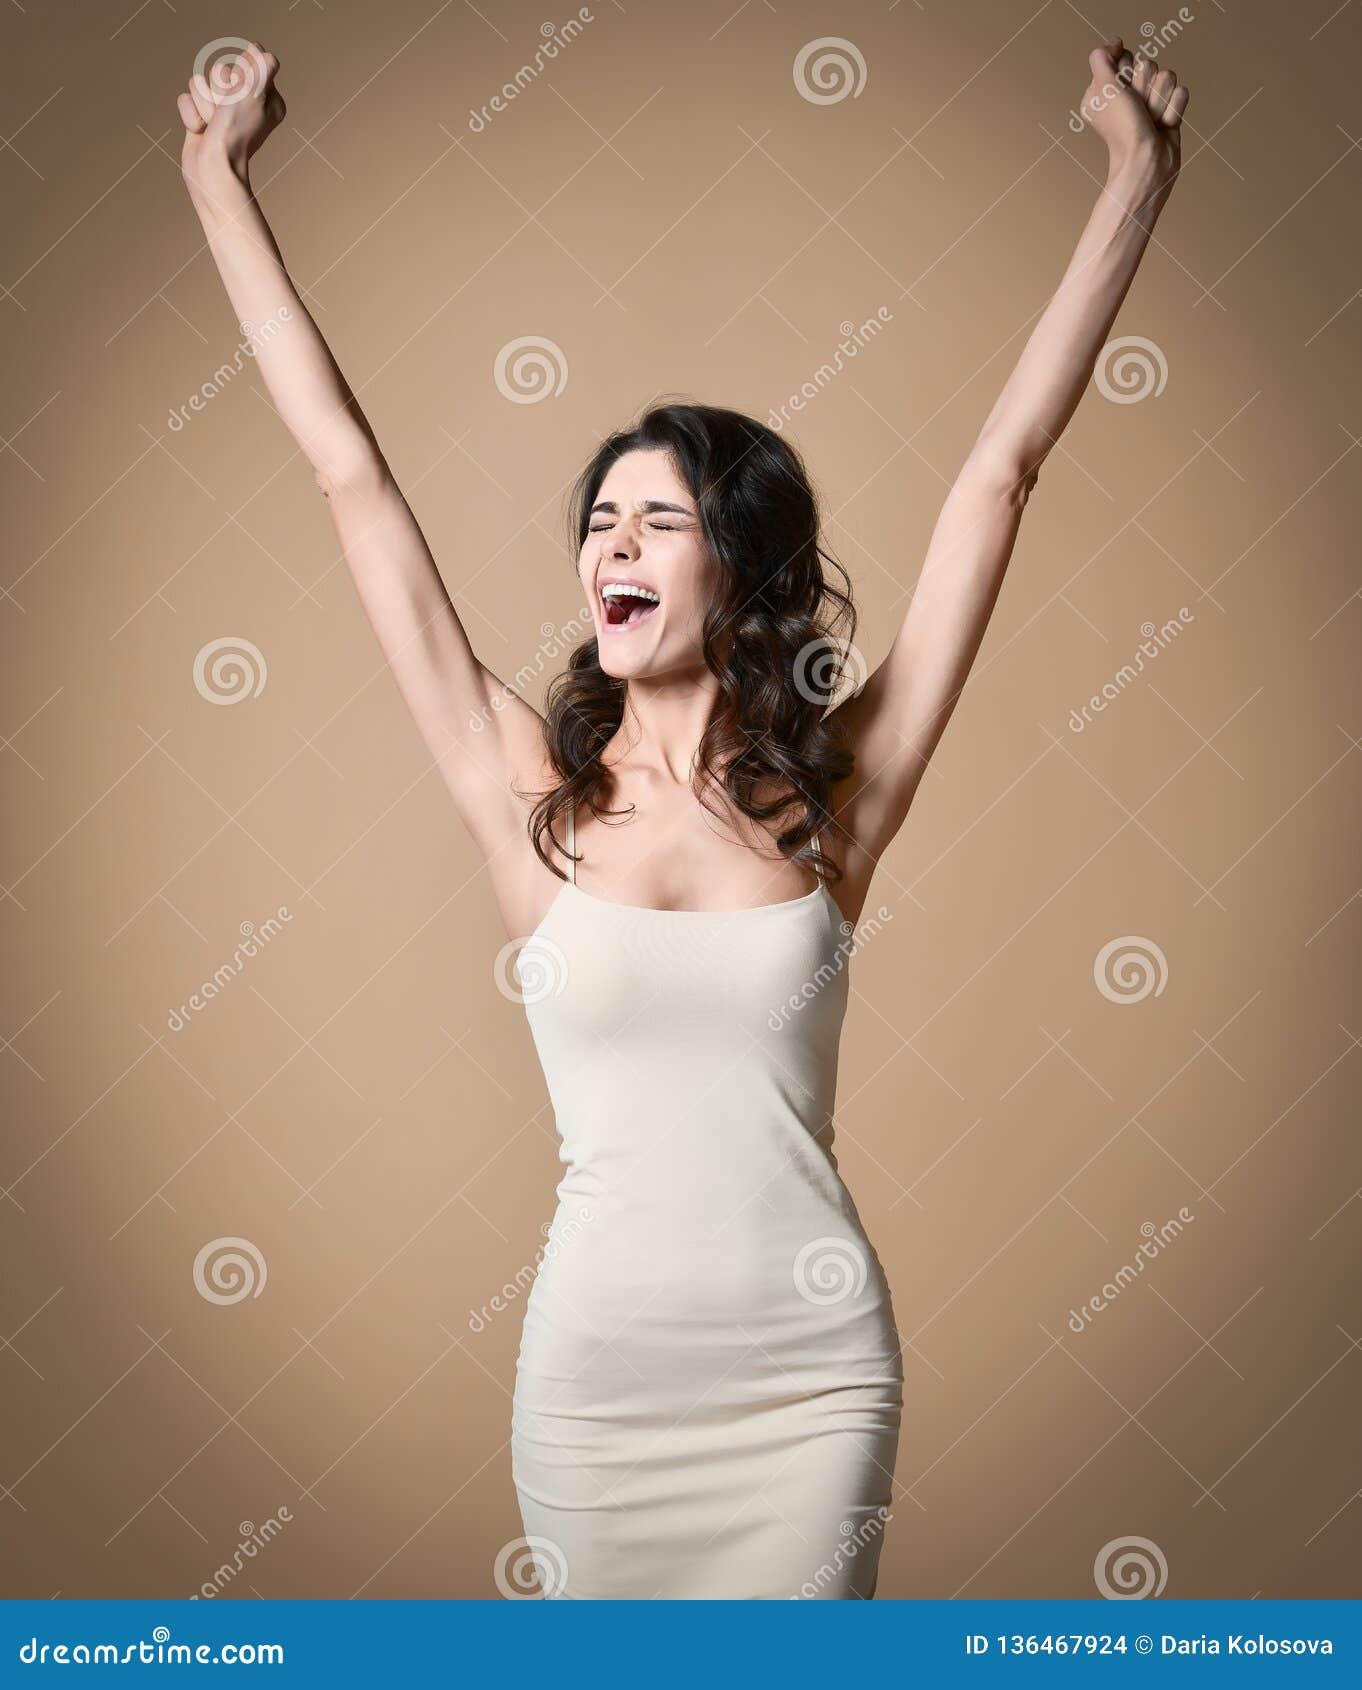 用被举的手呼喊和庆祝成功的愉快的成功的年轻女人